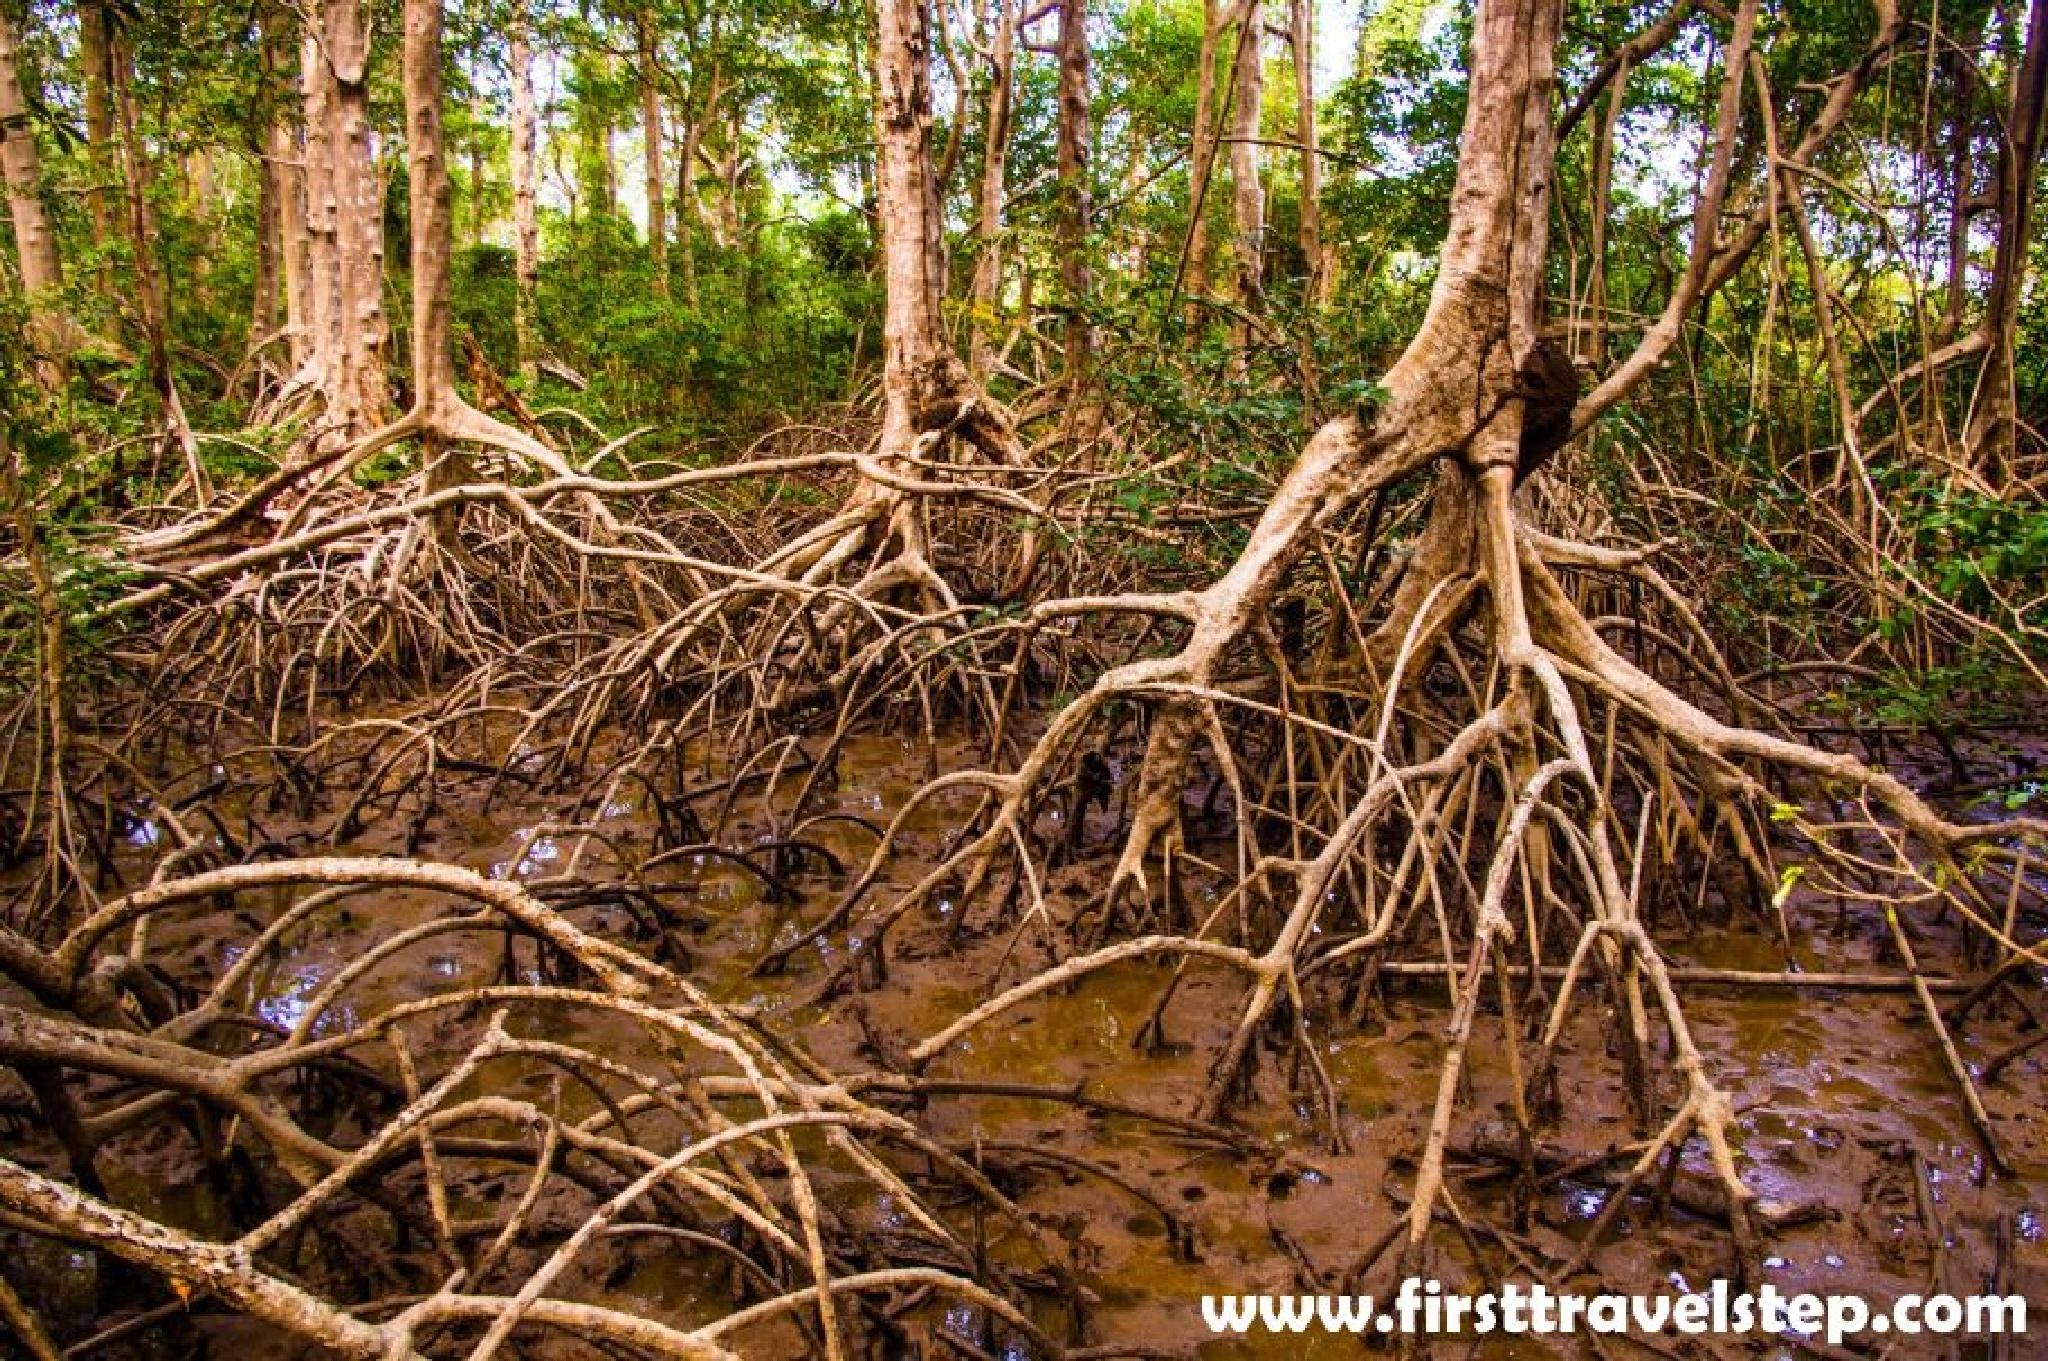 Mangrove tree by Zdenko Somorovsky